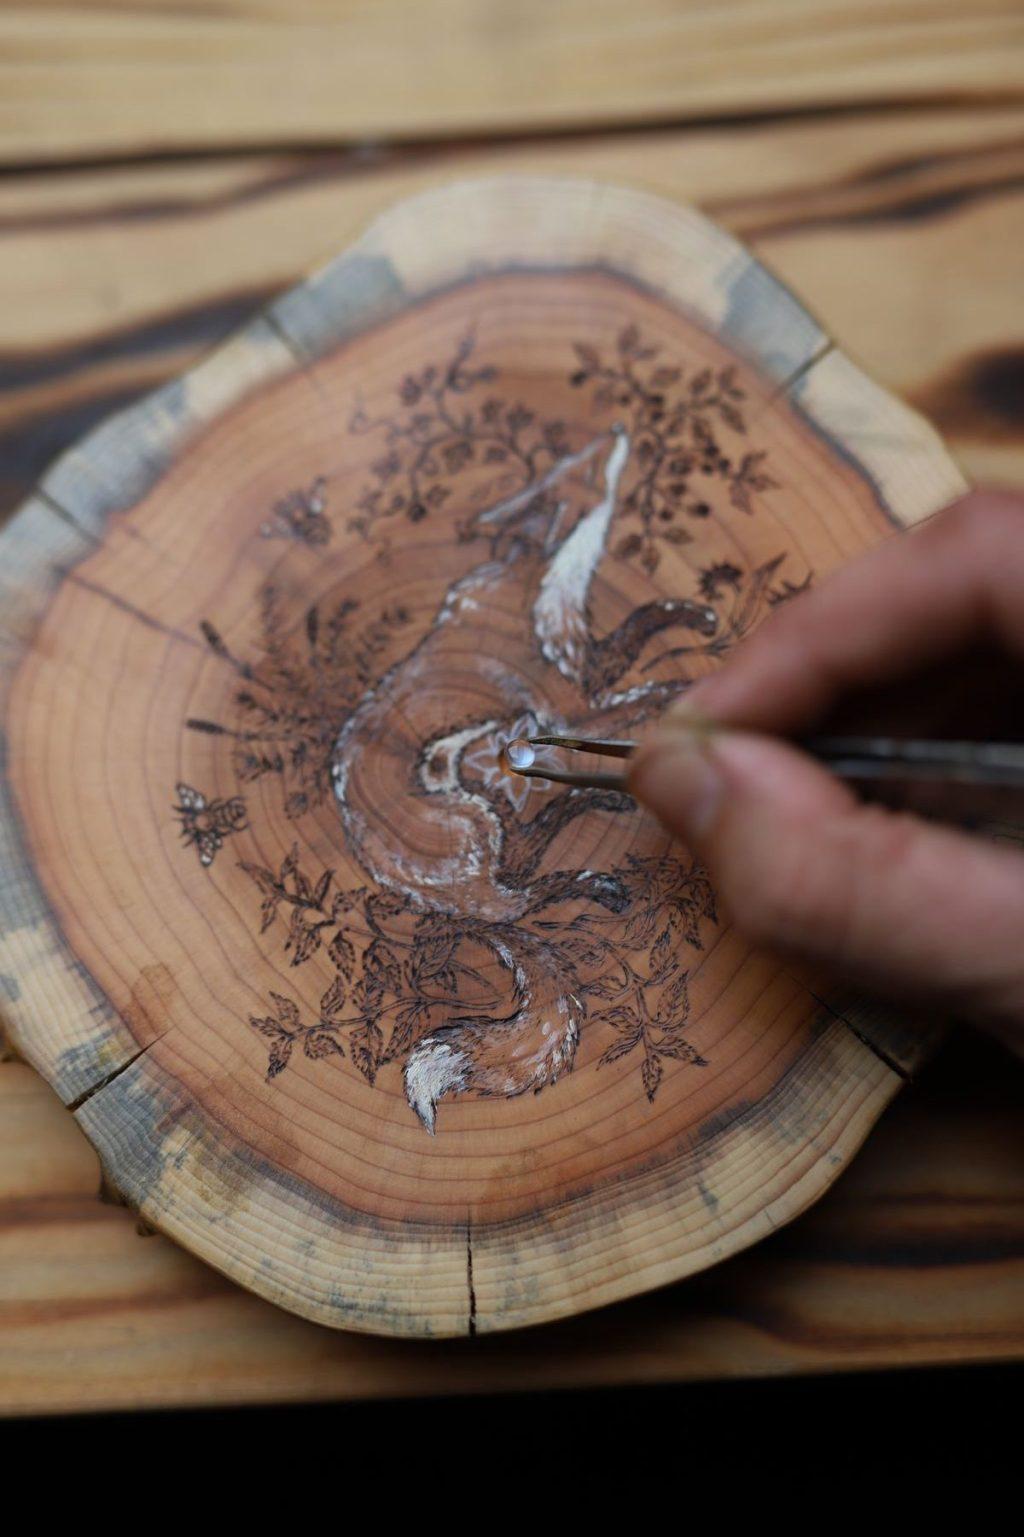 Atelier écologique, bois, lettre aux ours, missive to bears, artisanat francais, normandie, savoirs faire (1)